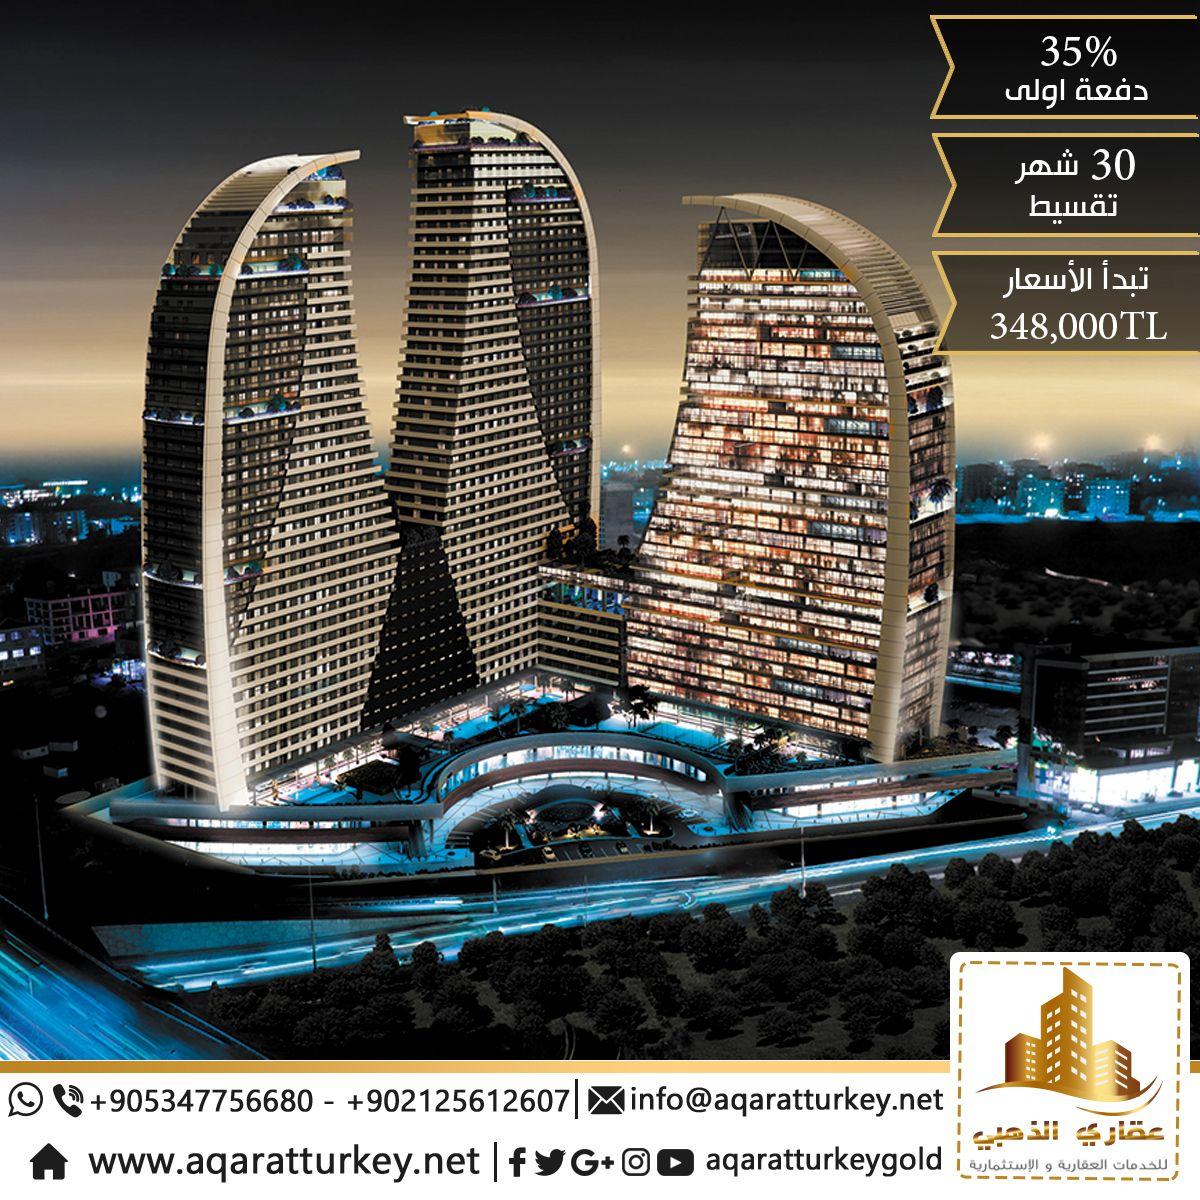 مشروع السيدة المميز والفريد من نوعهالتفاصيل والاسعار Https Aqaratturkey Net Ar Istanbul P 866 00905336327544 Istanbul Real Estate Istanbul Turkey